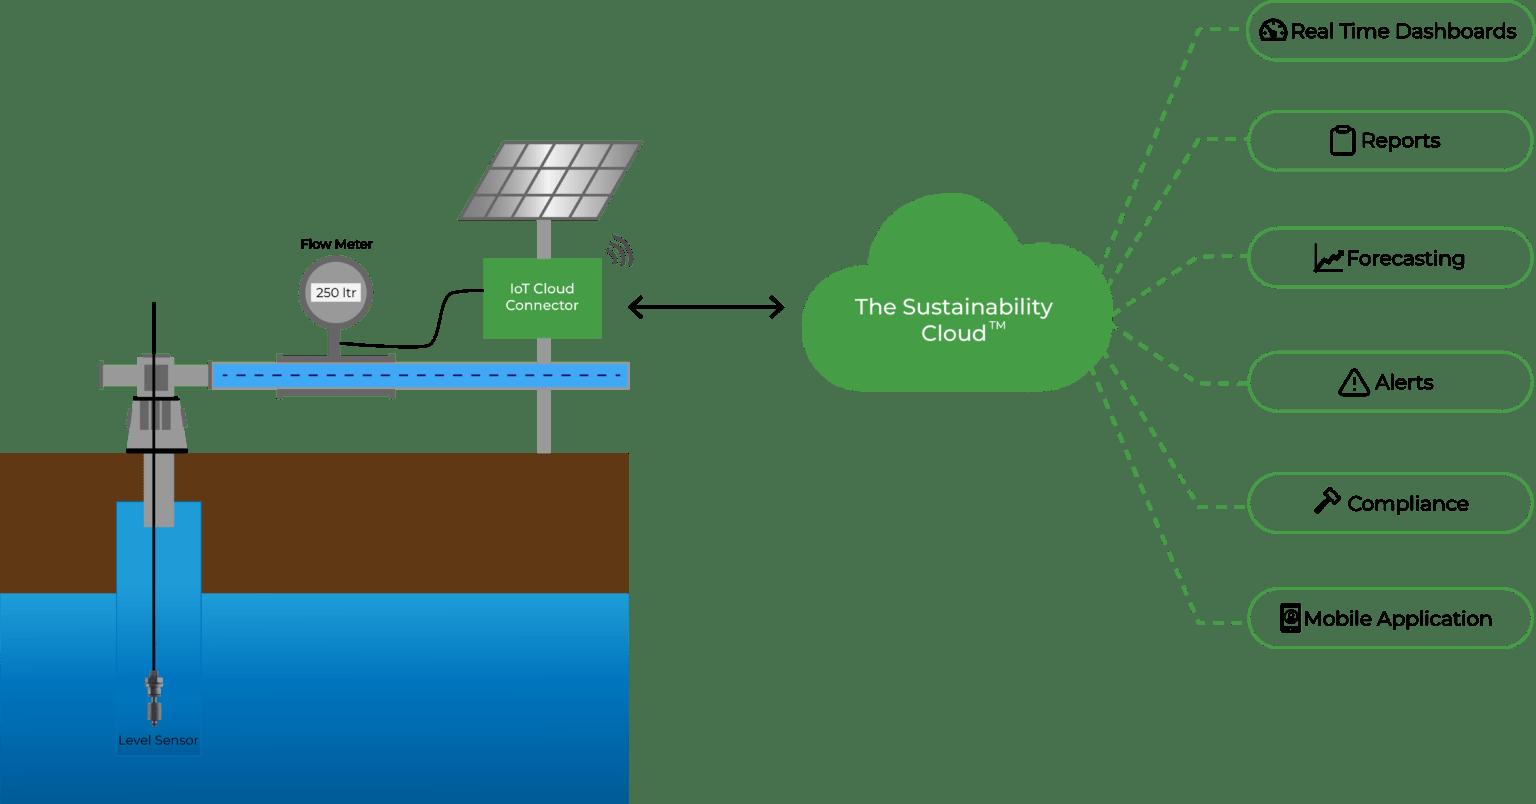 flowmeter-telemetry-system